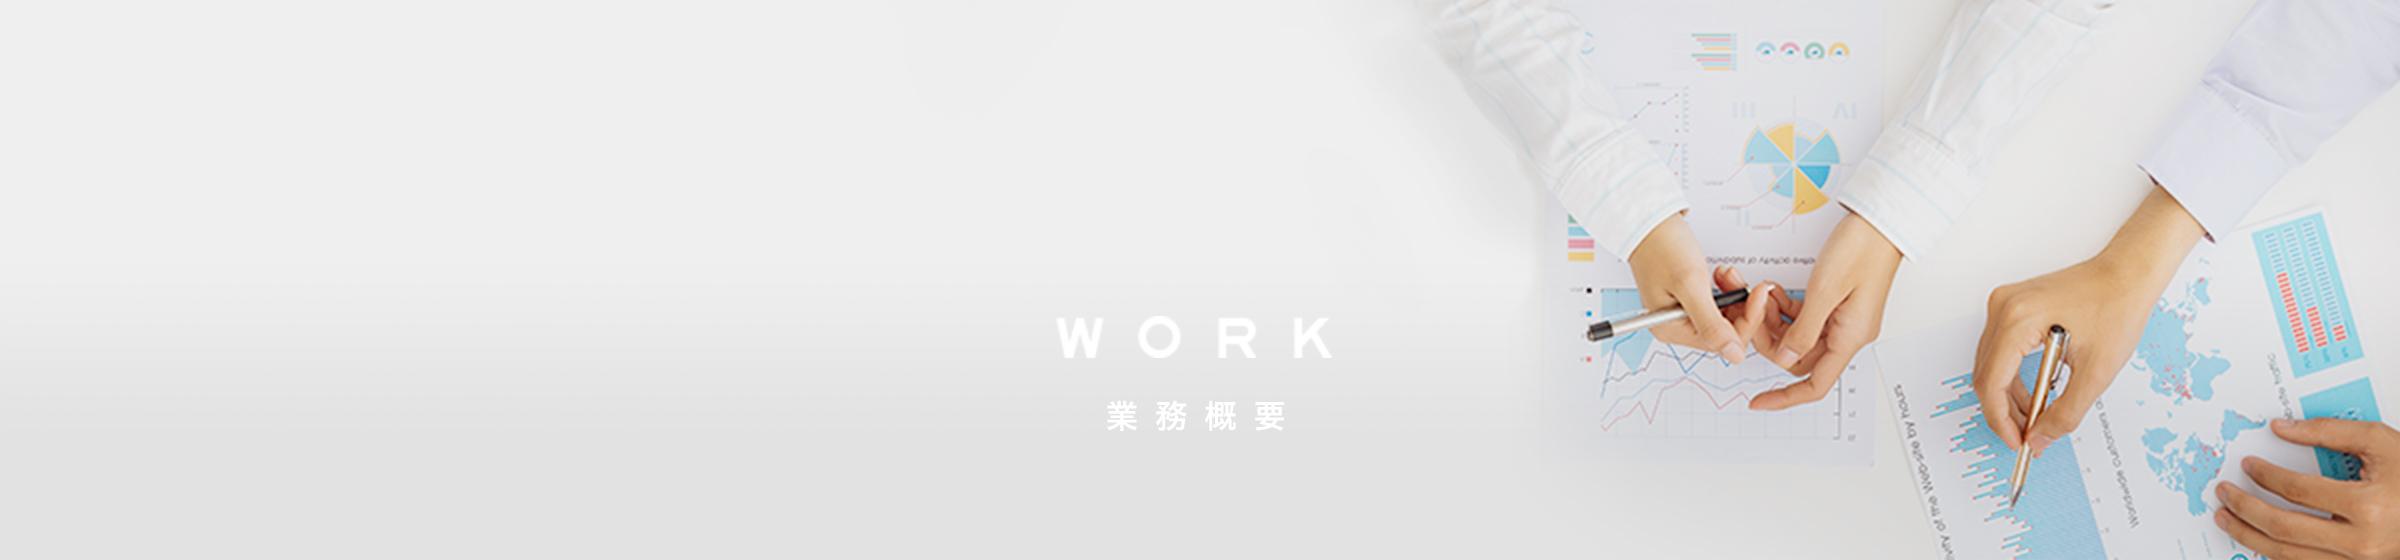 WORK 業務概要